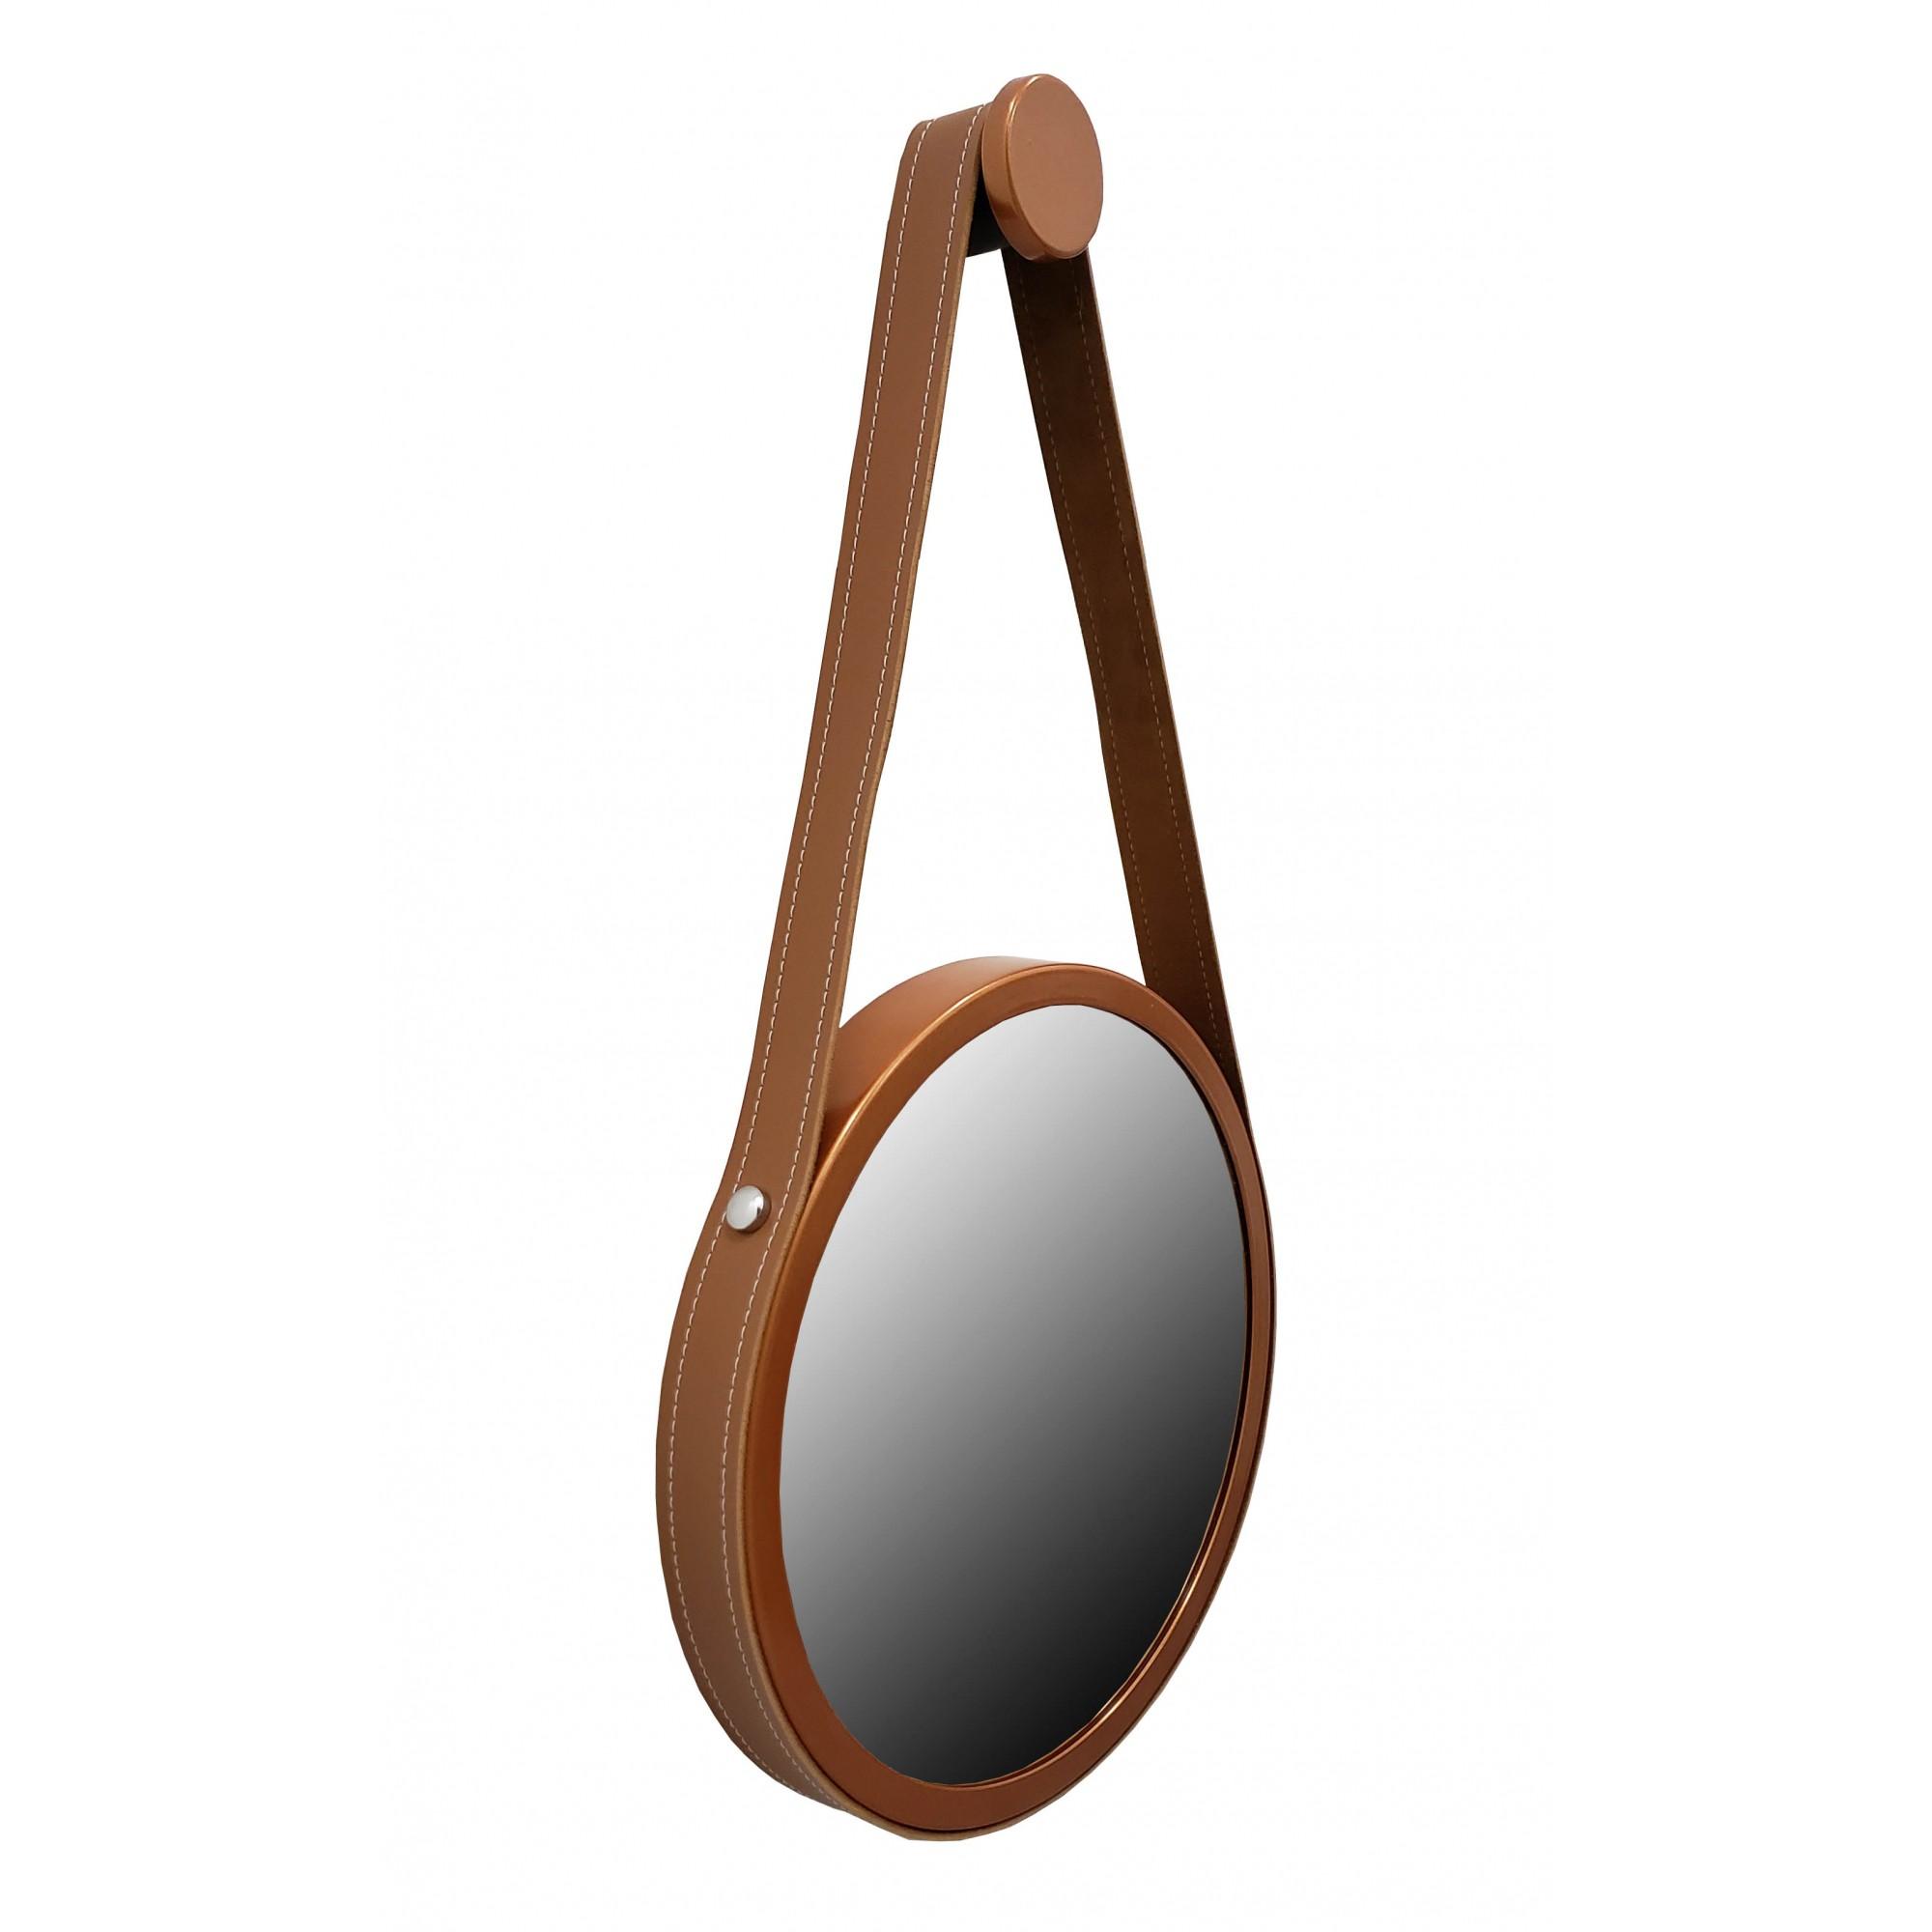 Espelho Adnet 50cm premium Cobre Com Alça Marrom